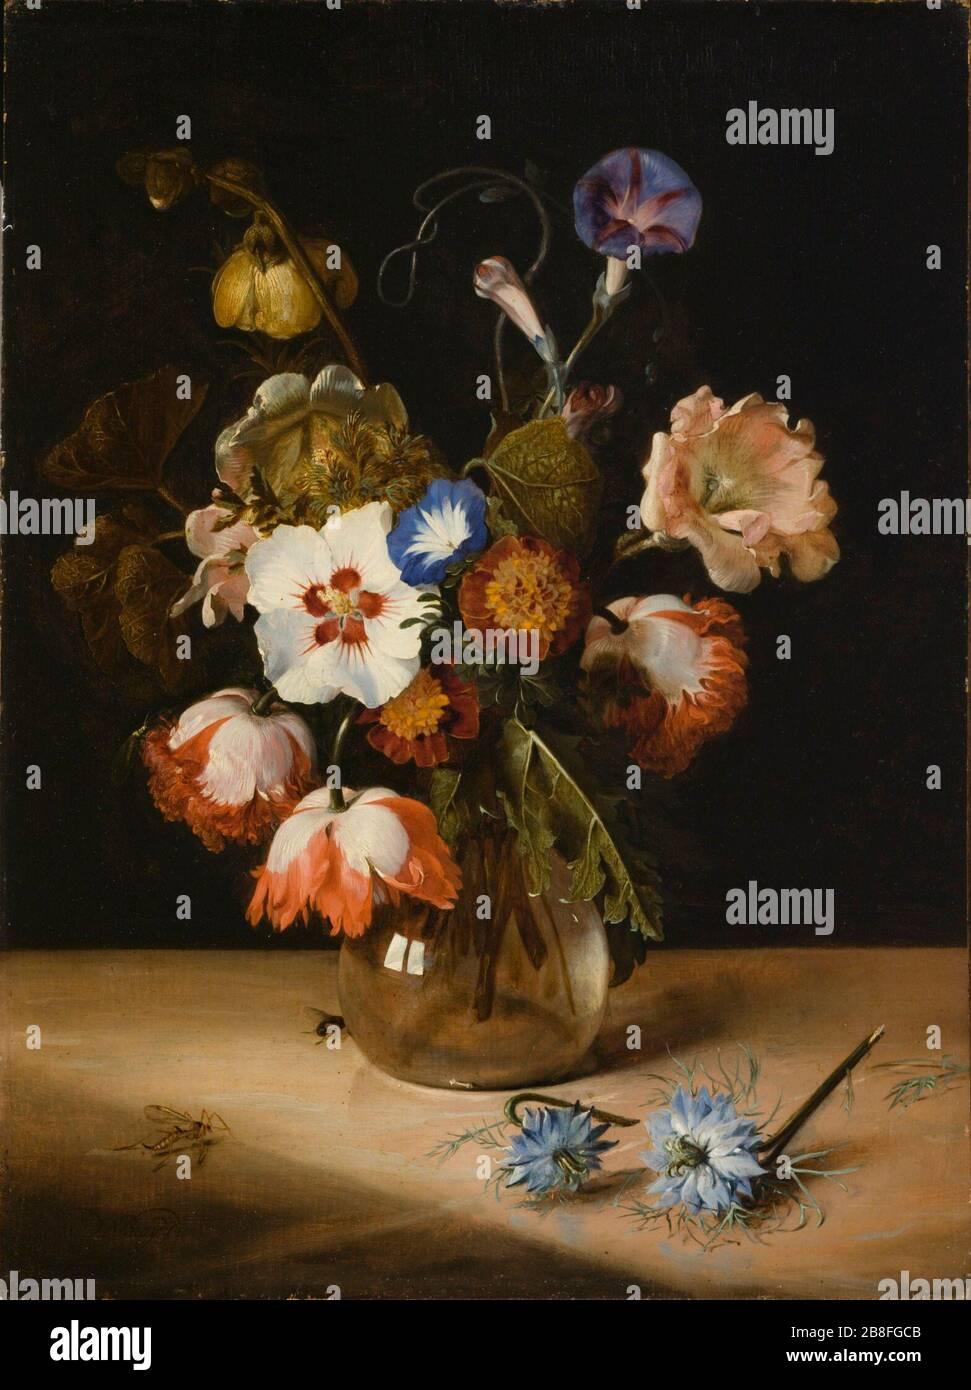 'Fleurs dans un vase en verre; Anglais: 1671 Peinture Huile sur toile bois: 19 x 14 in. (48,26 x 35,63 cm); Pans: 25 x 20 1/2 x 2 in. (63,5 x 52,07 x 5,08 cm) Don de M. et Mme Edward William Carter (M.2009.106.4) Peinture européenne en ce moment sur la vue du public: Ahmanson bâtiment, étage 3; 1671QS date:P571,+1671-00-00T00:00:00Z/9; ' Banque D'Images